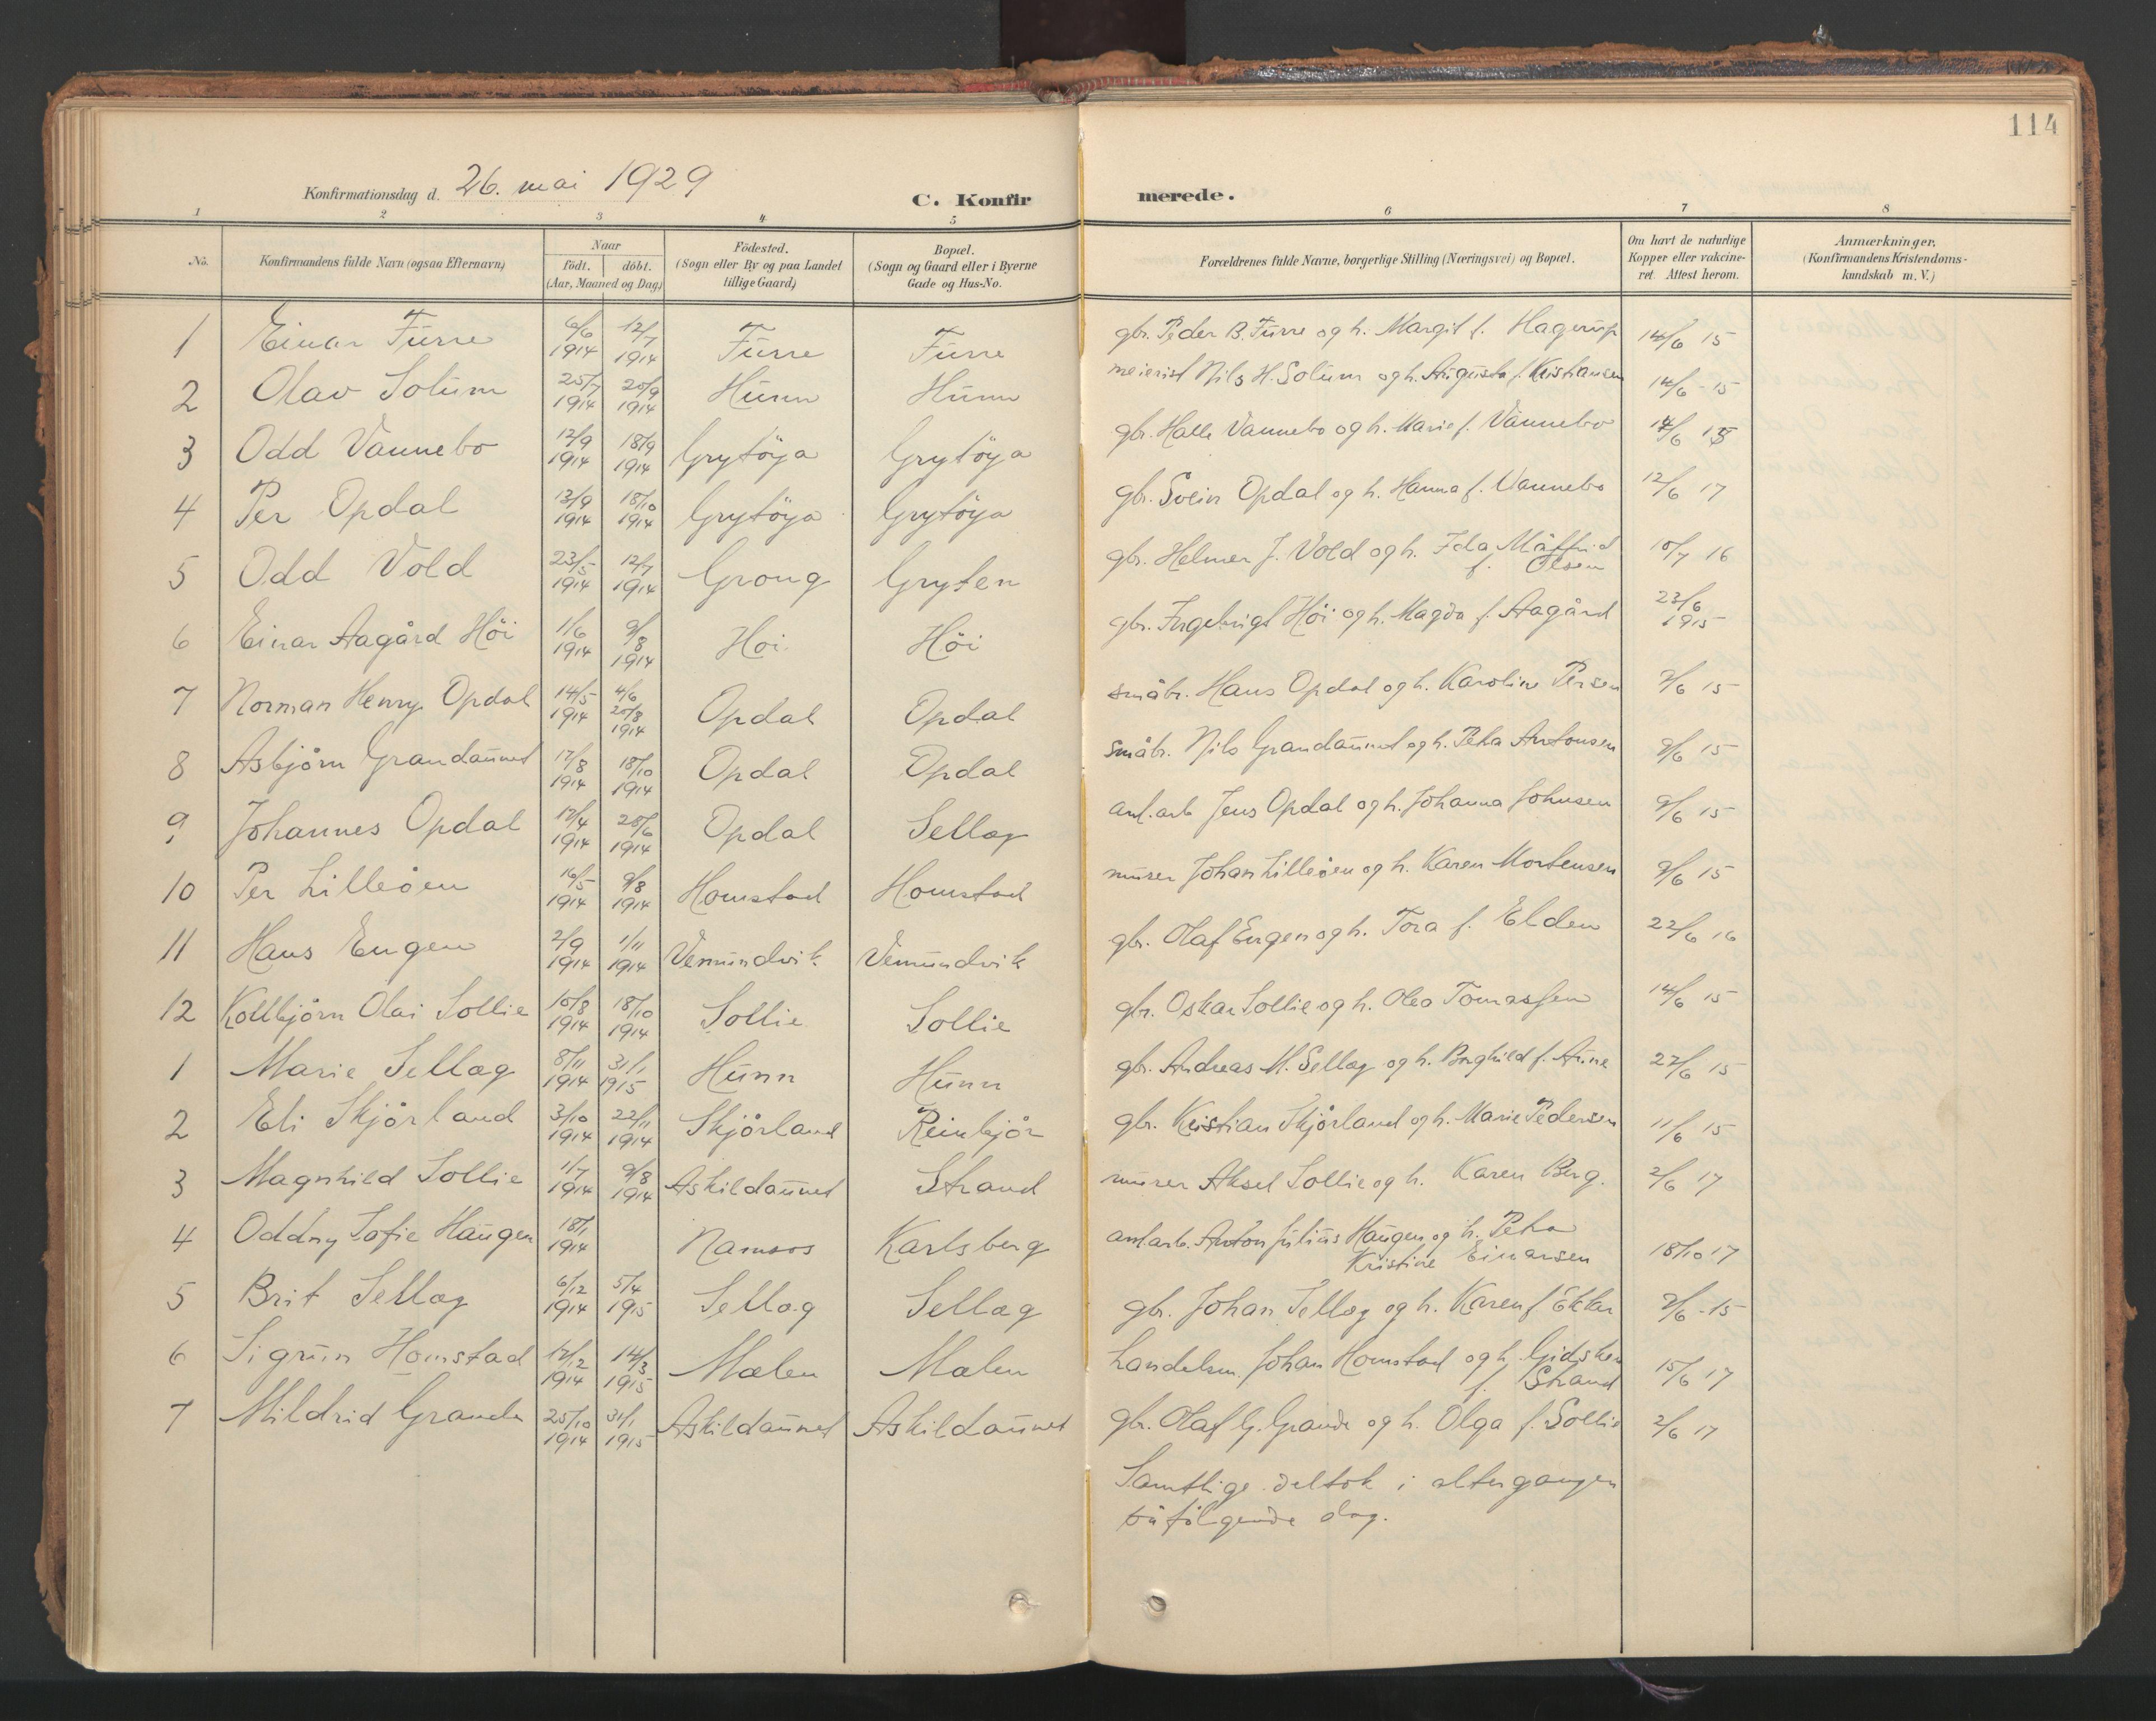 SAT, Ministerialprotokoller, klokkerbøker og fødselsregistre - Nord-Trøndelag, 766/L0564: Ministerialbok nr. 767A02, 1900-1932, s. 114